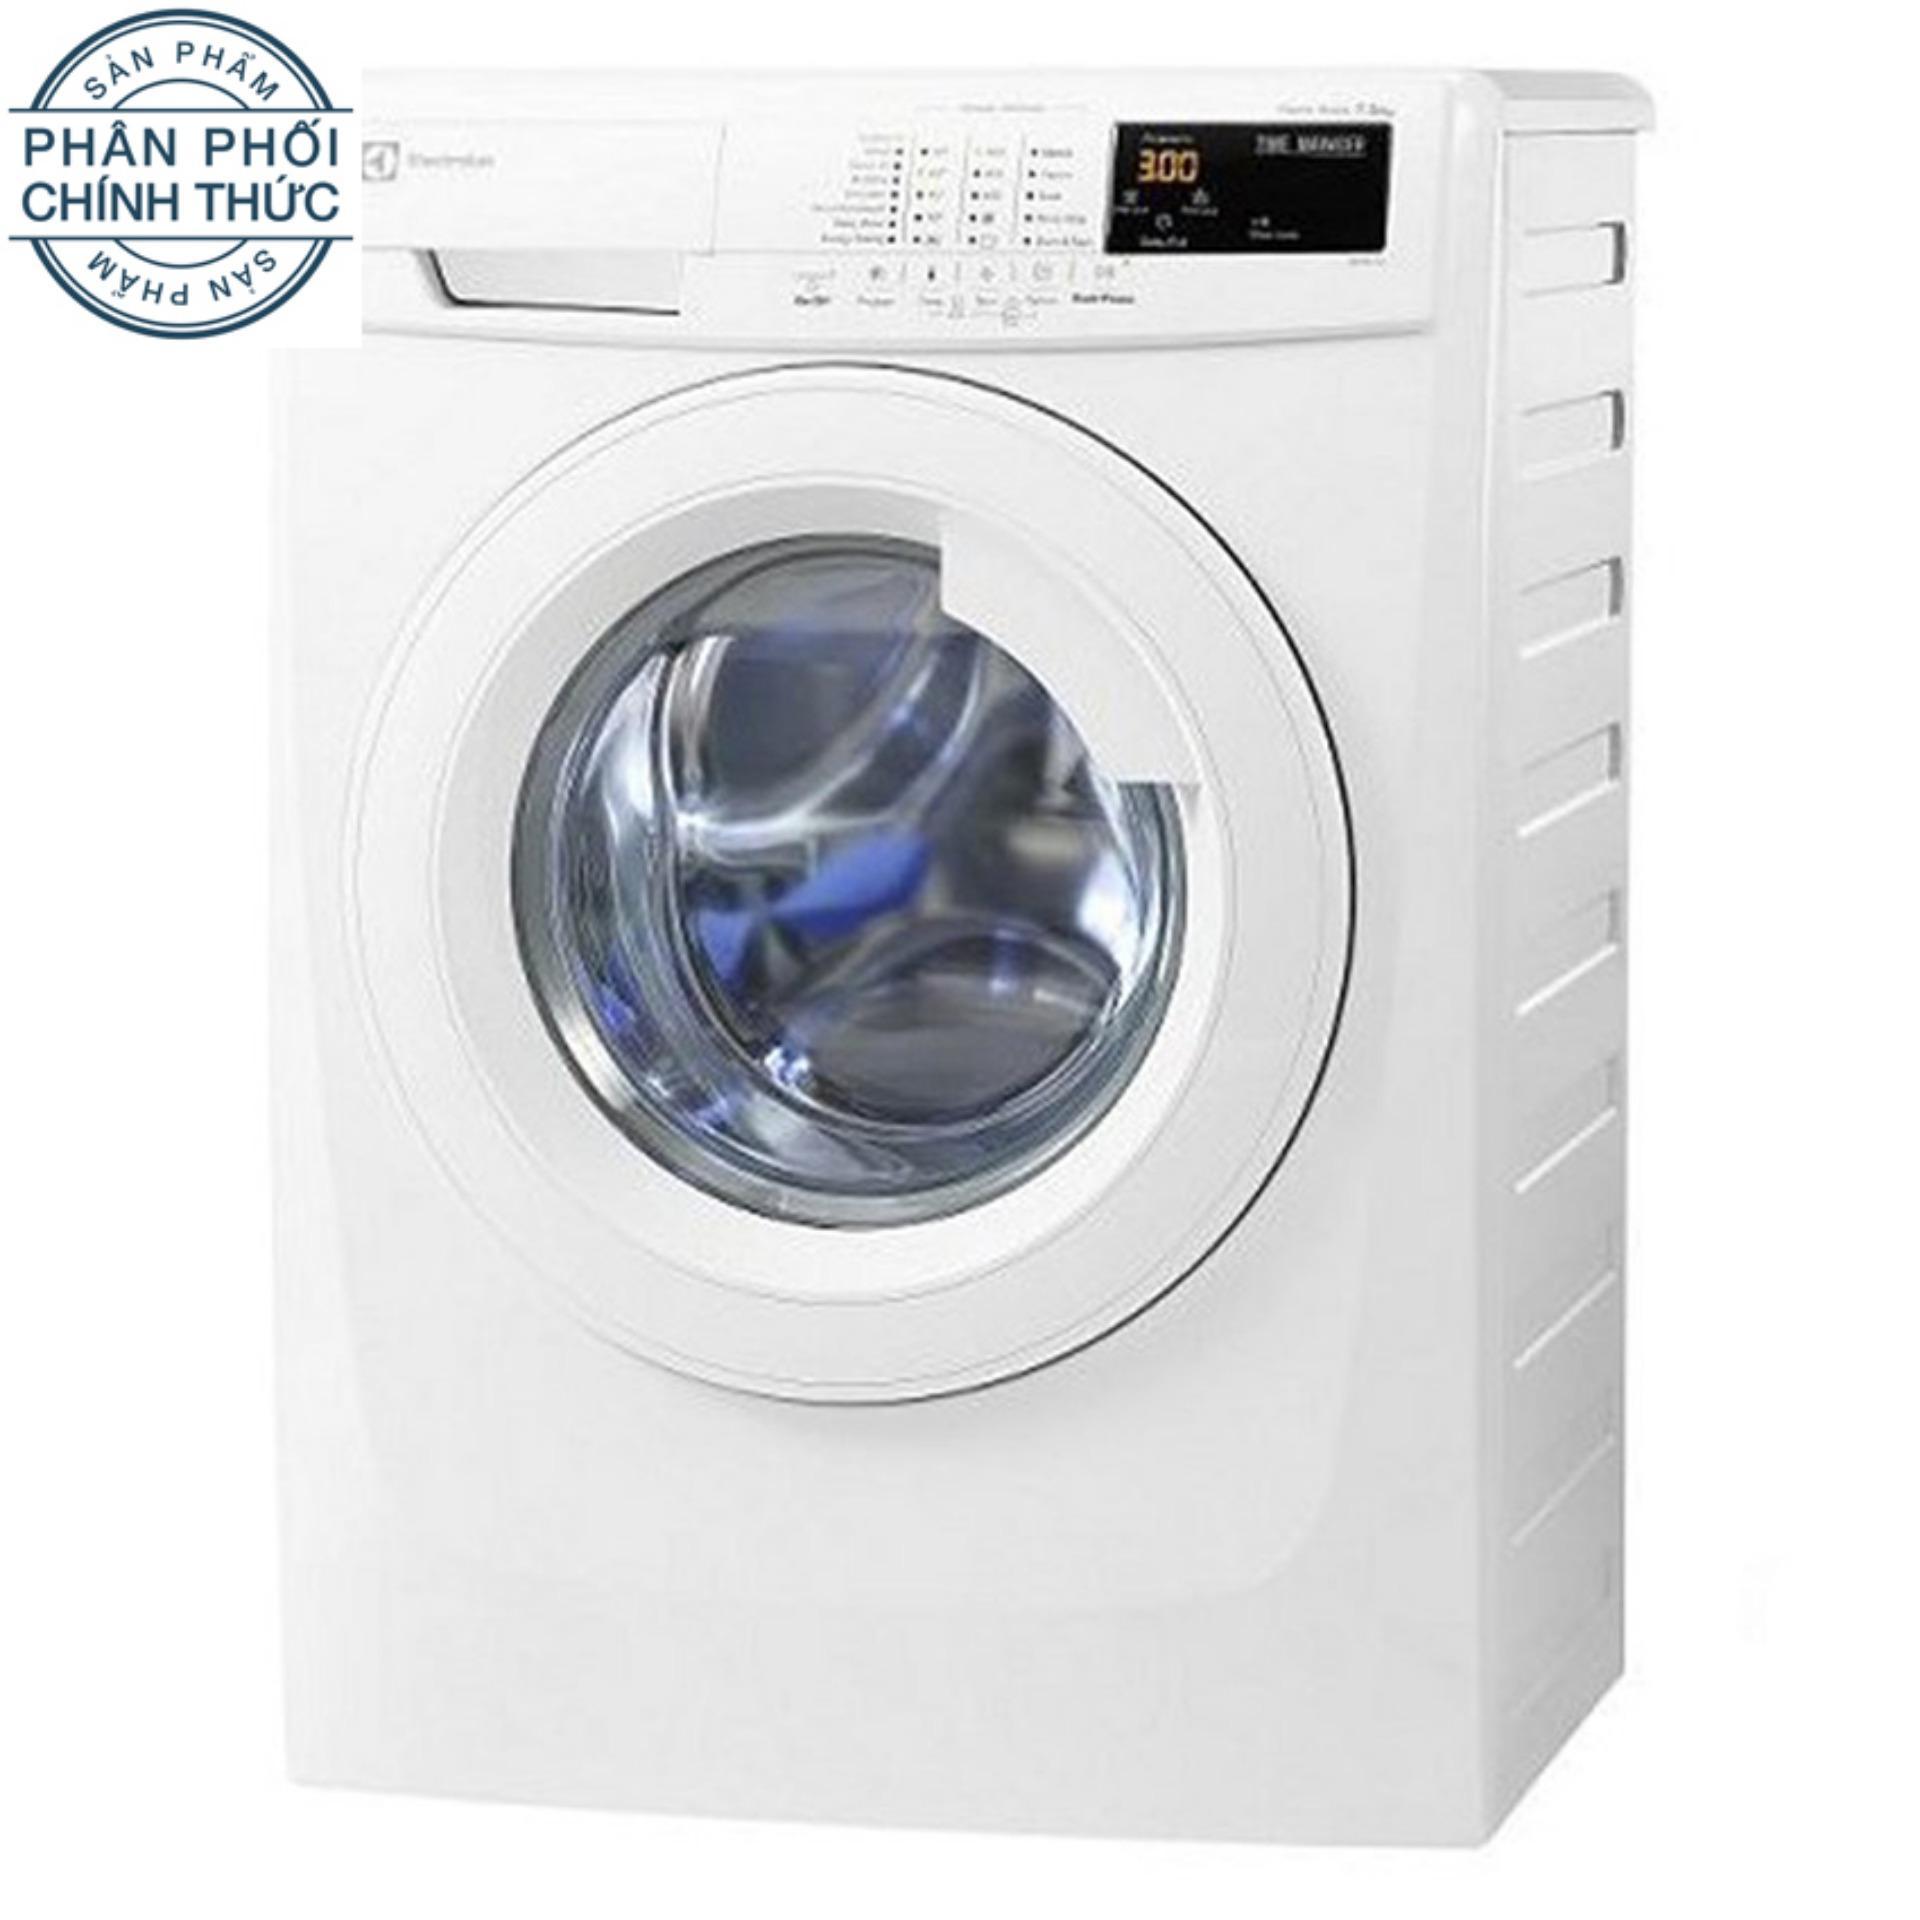 Hình ảnh Máy giặt cửa trước Electrolux EWF80743 7Kg (Trắng)